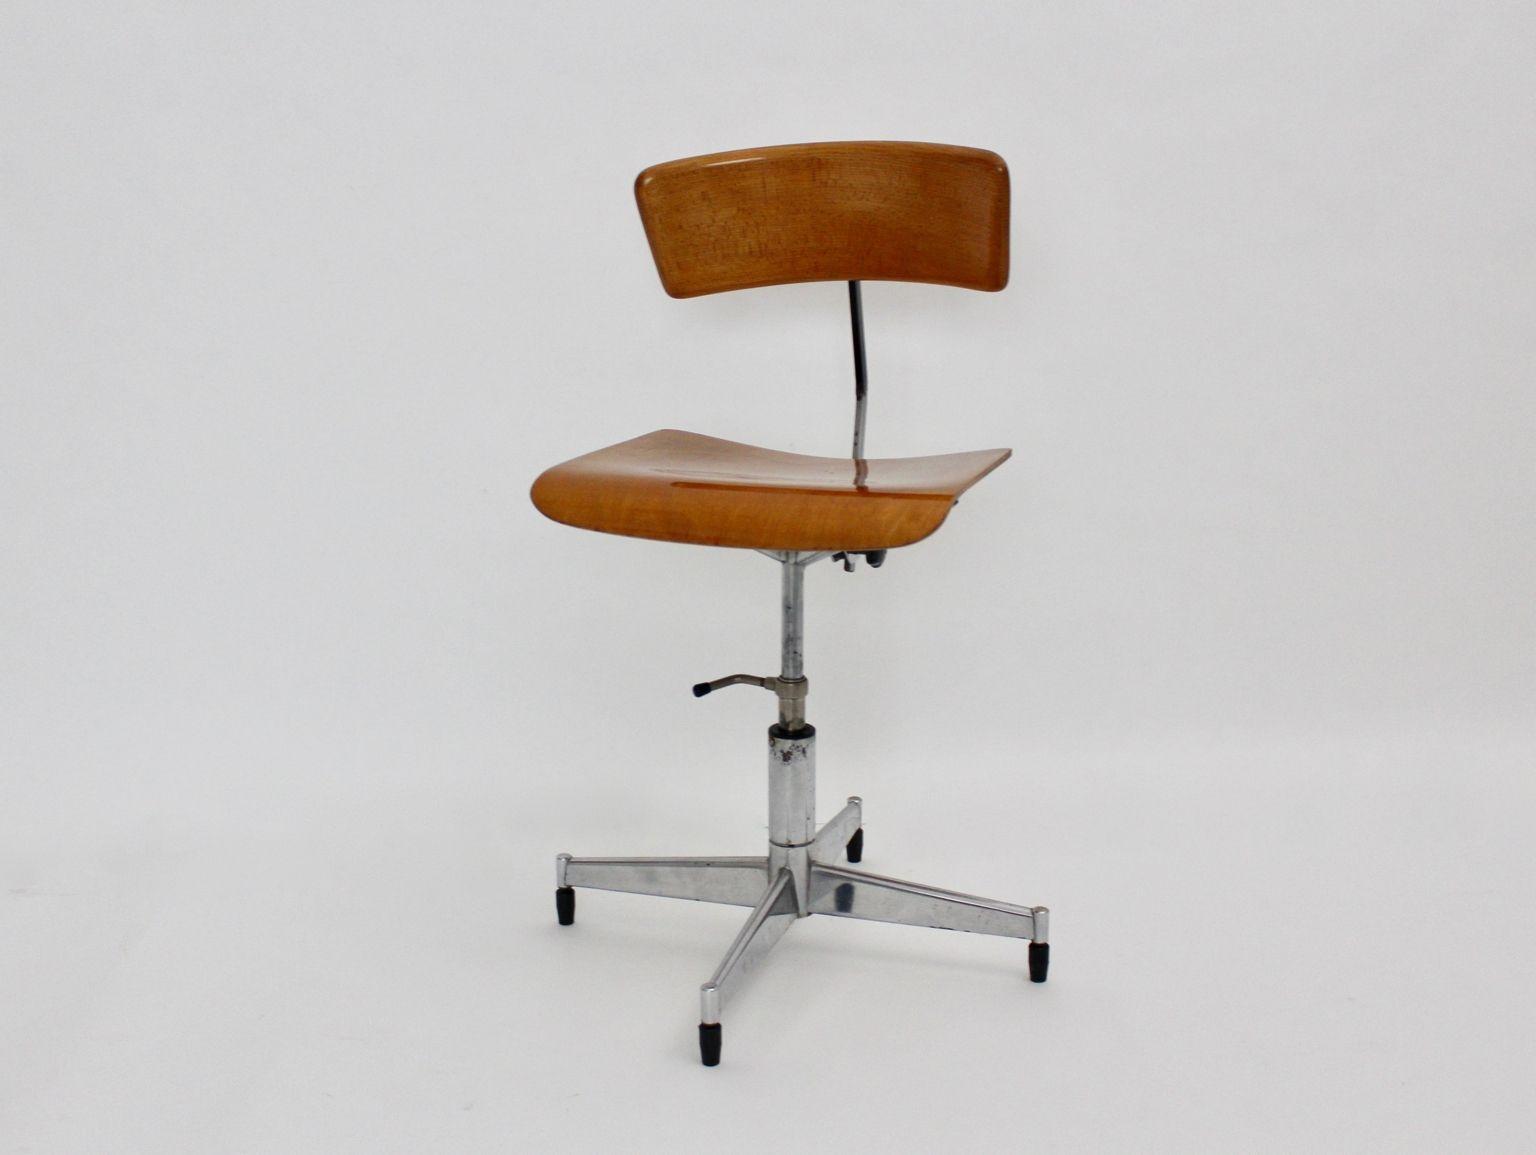 Danish Swivel Desk Chair By Jorgen Rasmussen 1950s